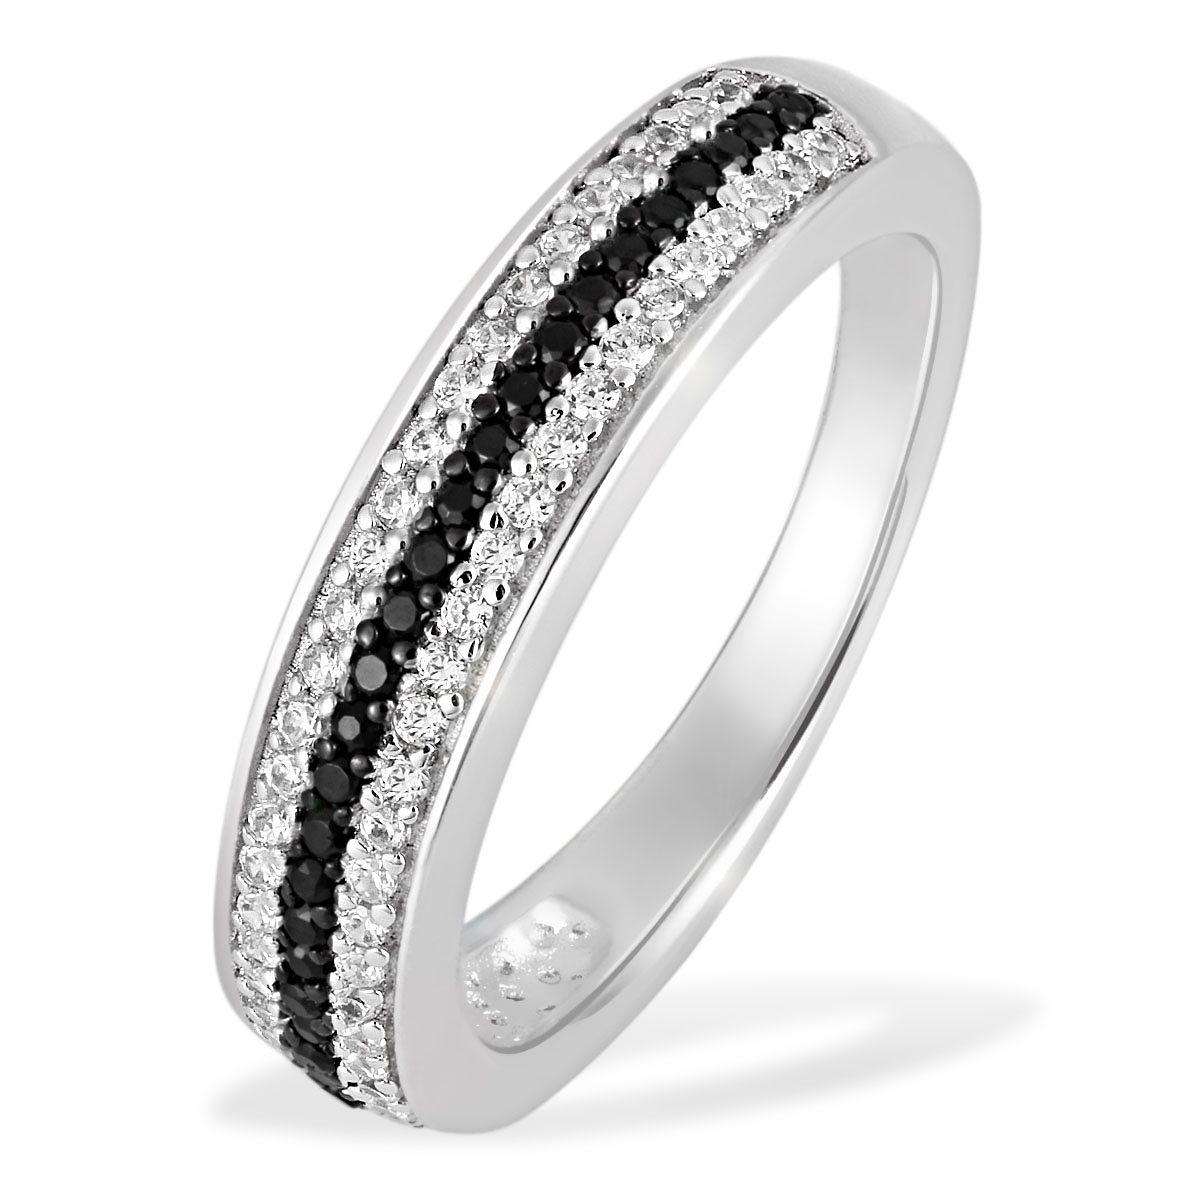 Averdin Damenring Silber 925/- schwarz weiße Zirkonia PremiumShine